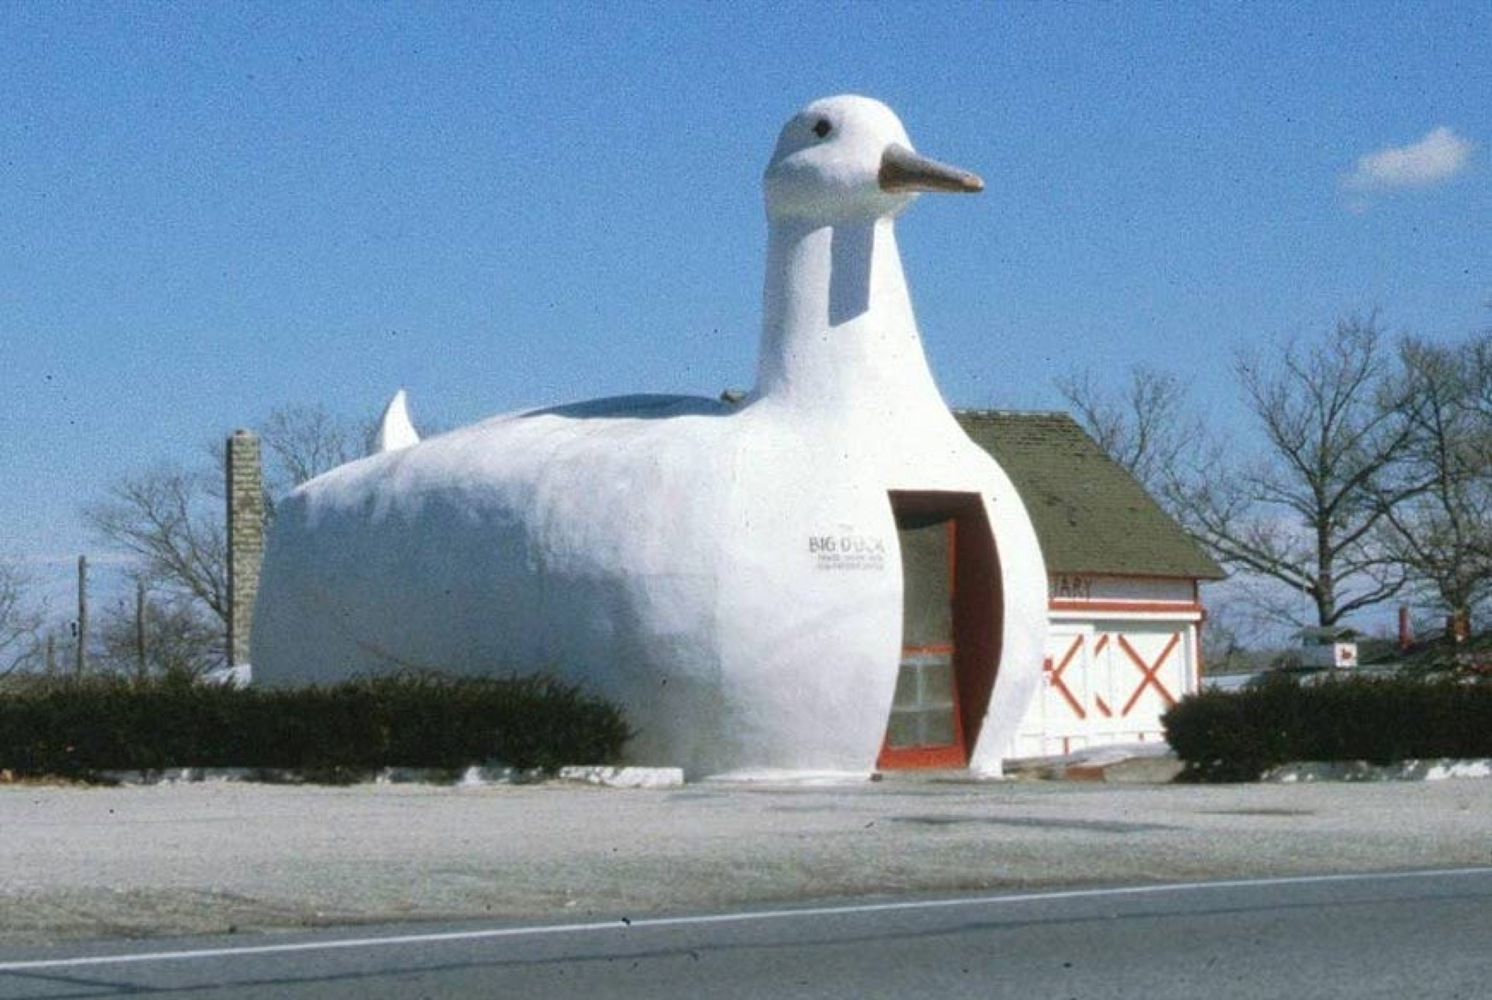 Big Duck en Long Island New York (EEUU)